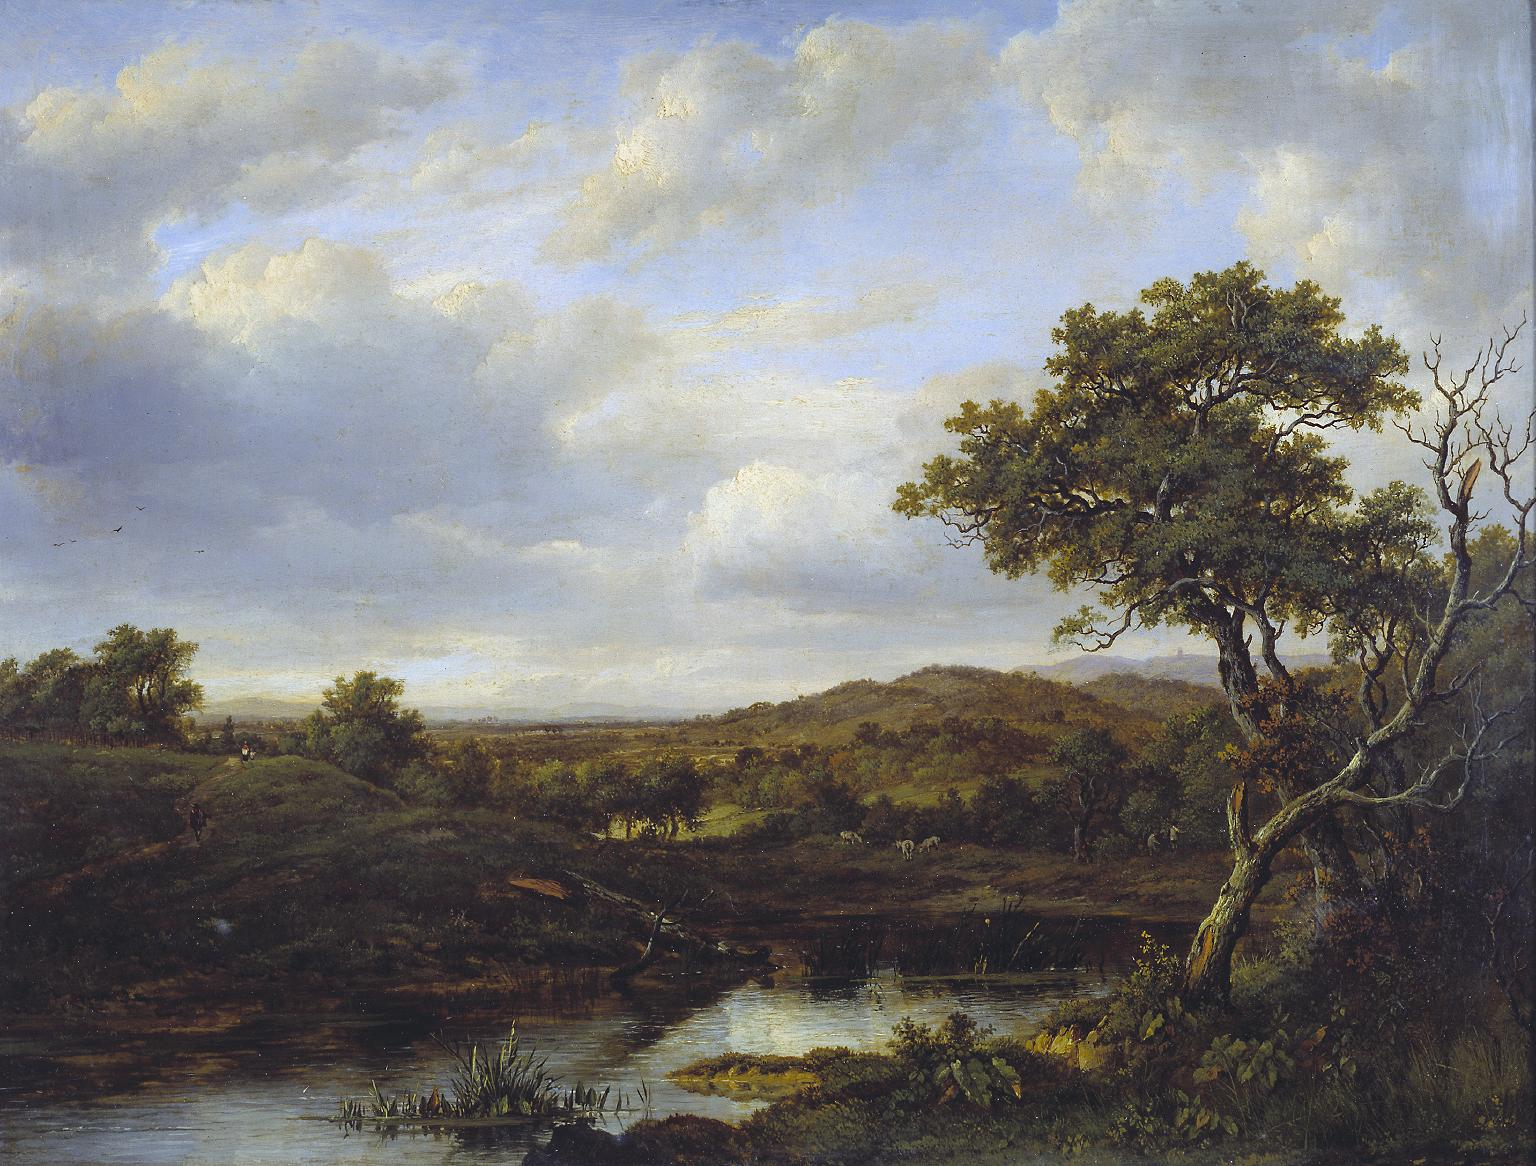 A Pond', Patrick Nasmyth, 1820.